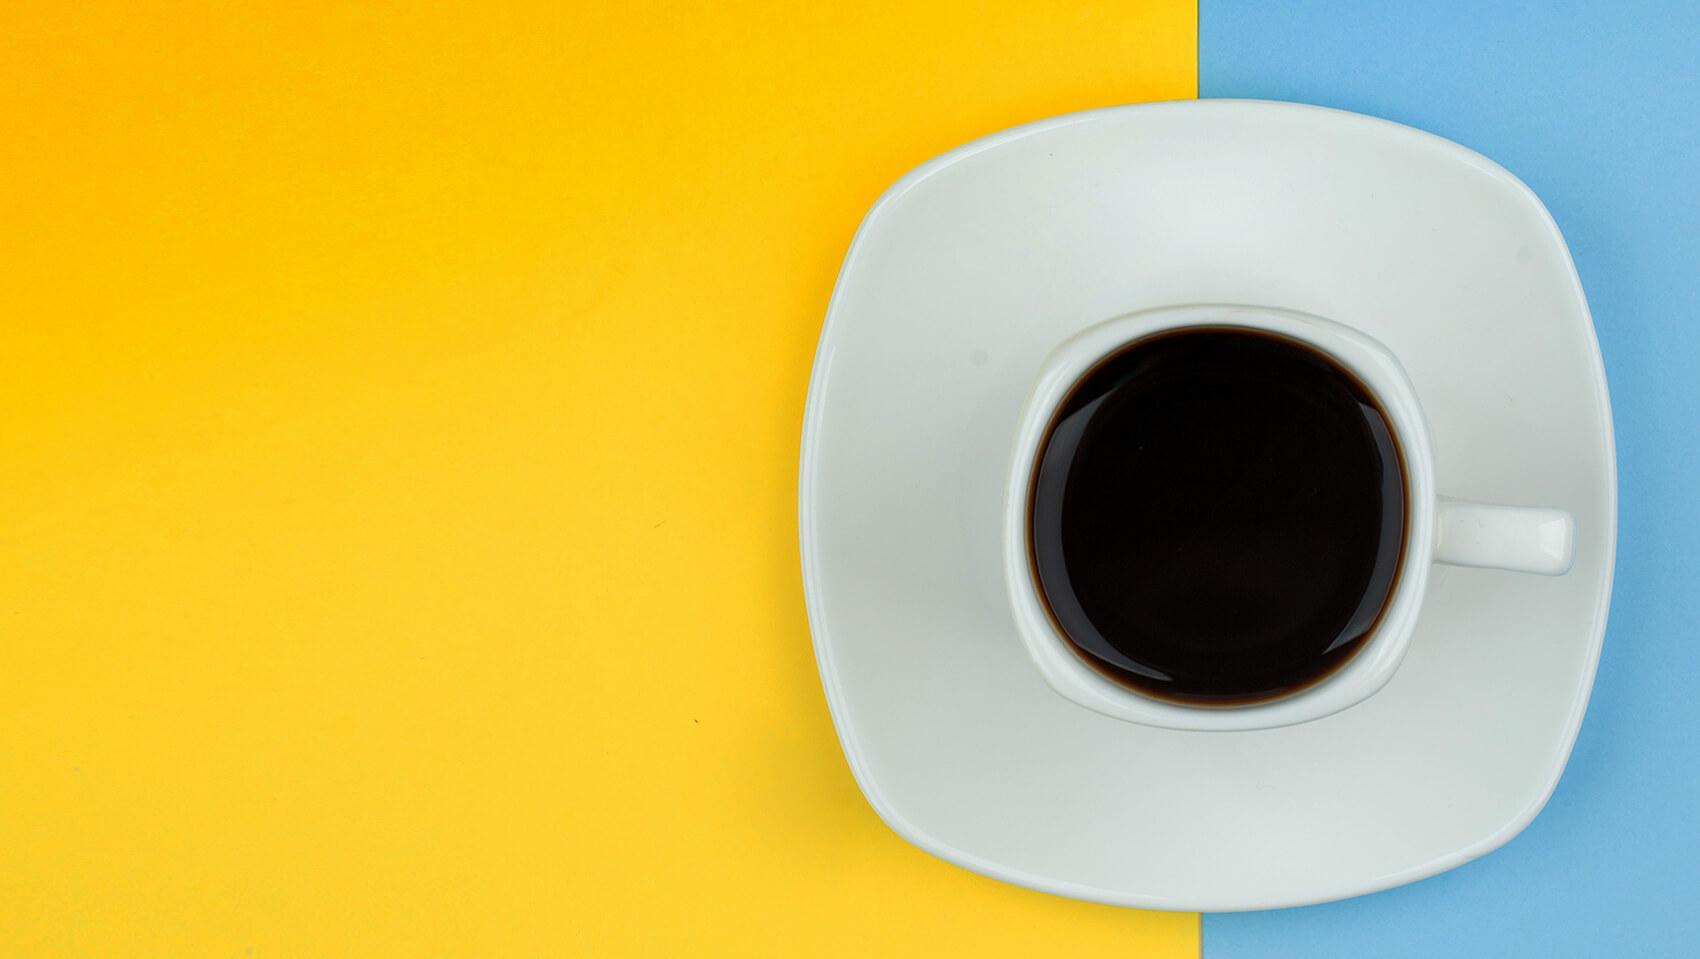 Upominki dla miłośników kawy i herbaty